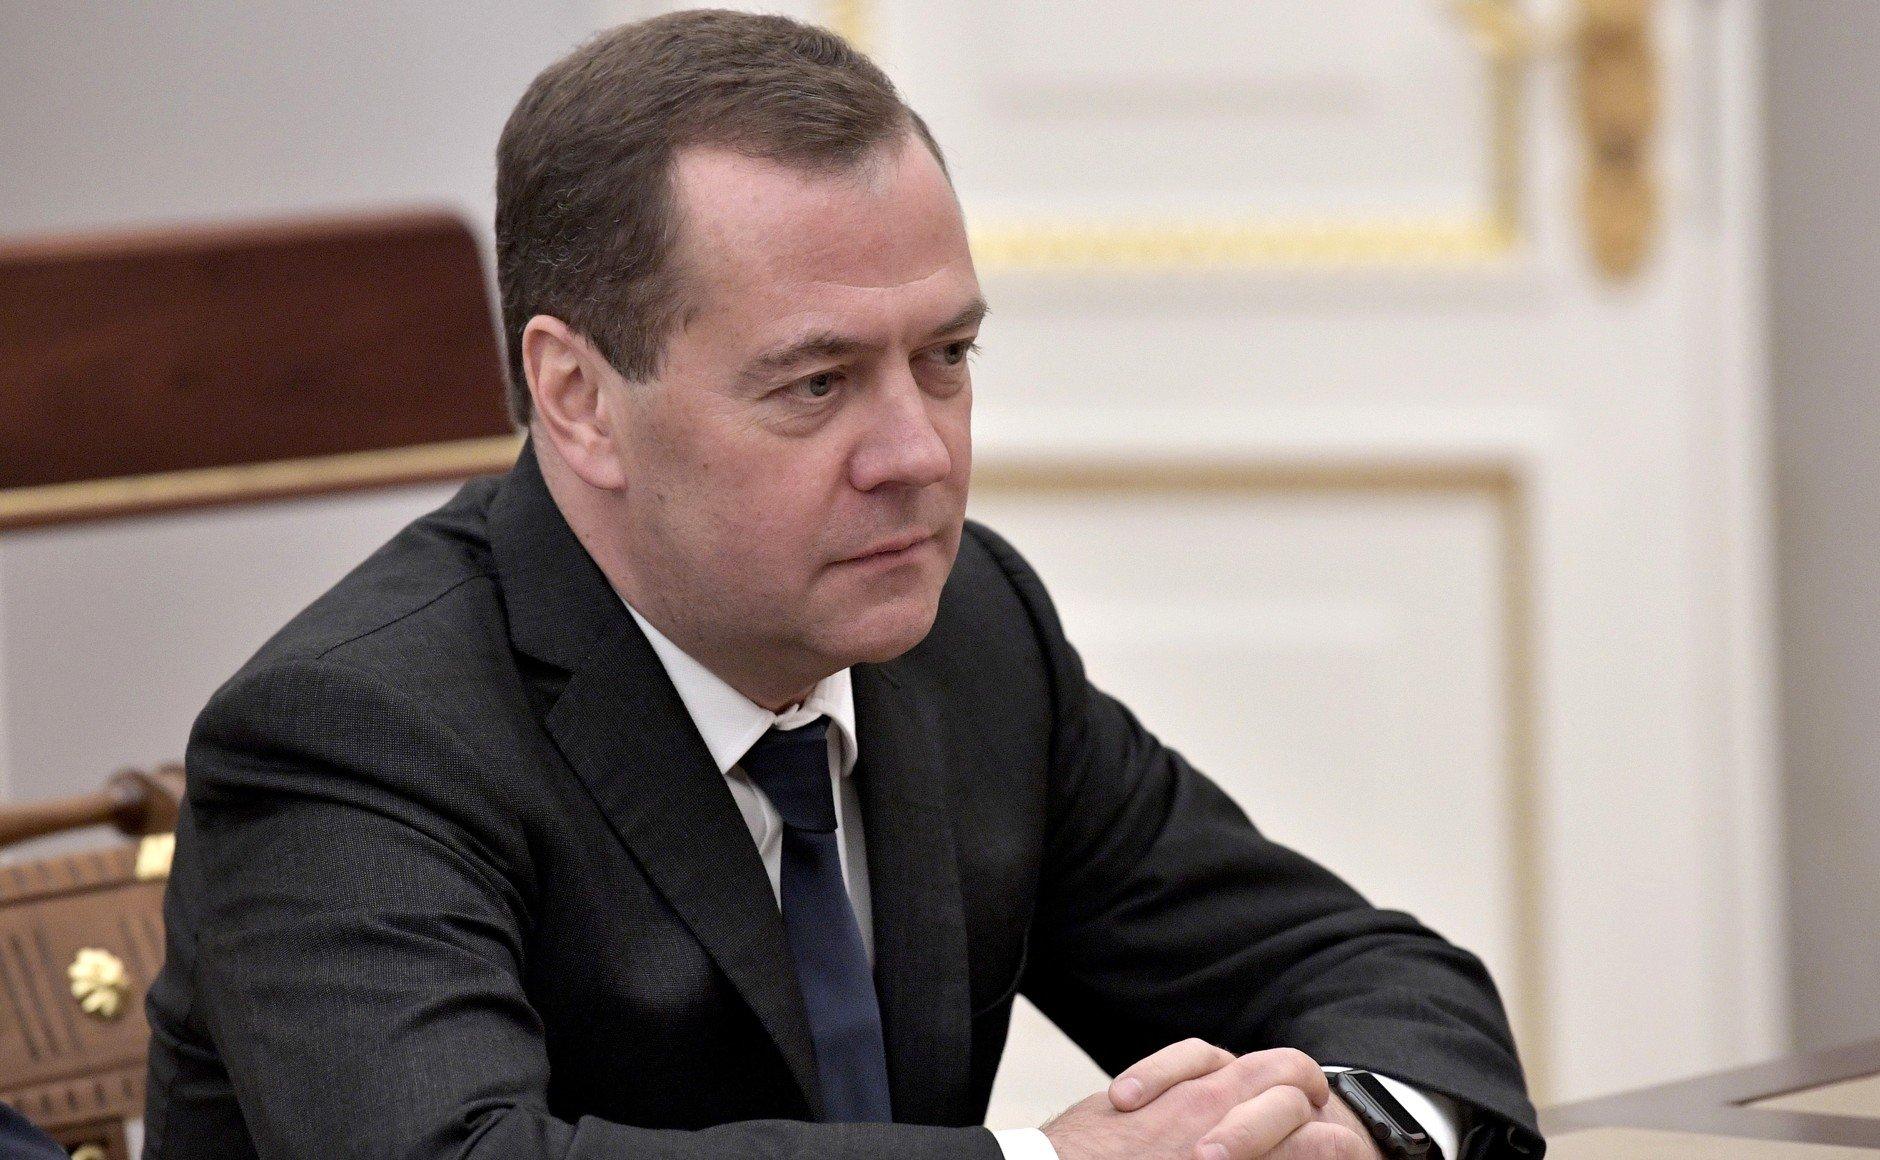 тебе желаю фотографию дмитрия медведева с баяном простым связанным сердечком